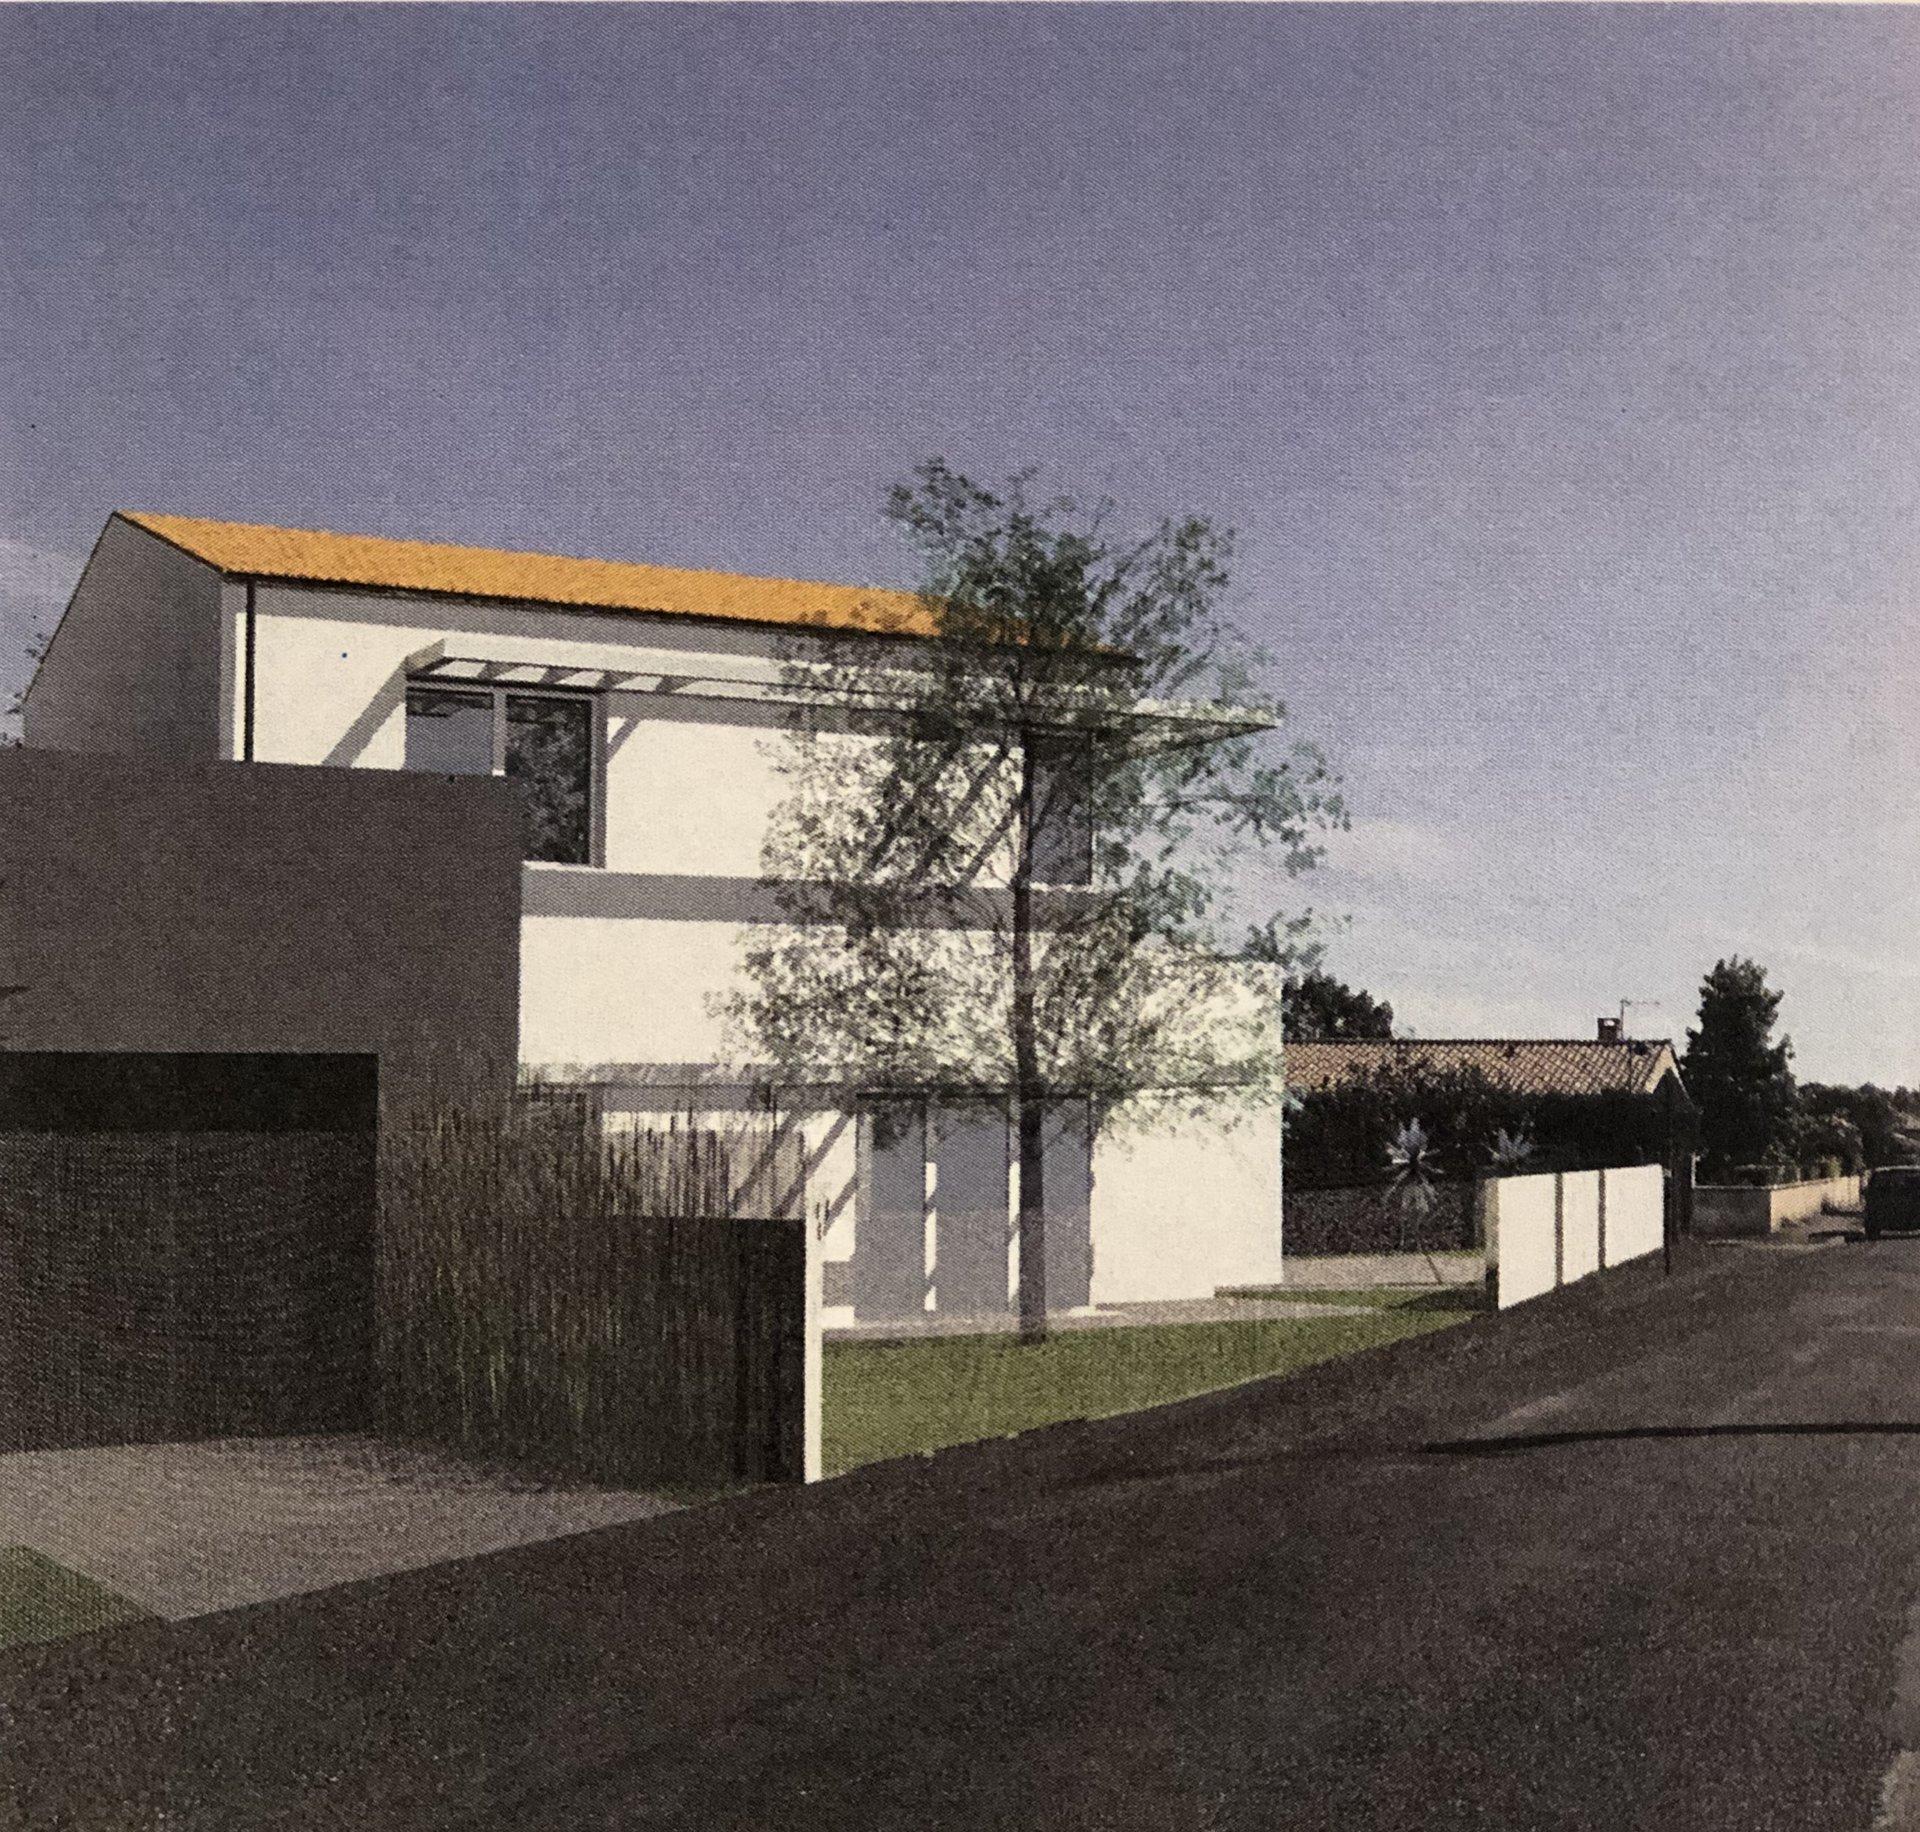 Sale Building land - Bruges